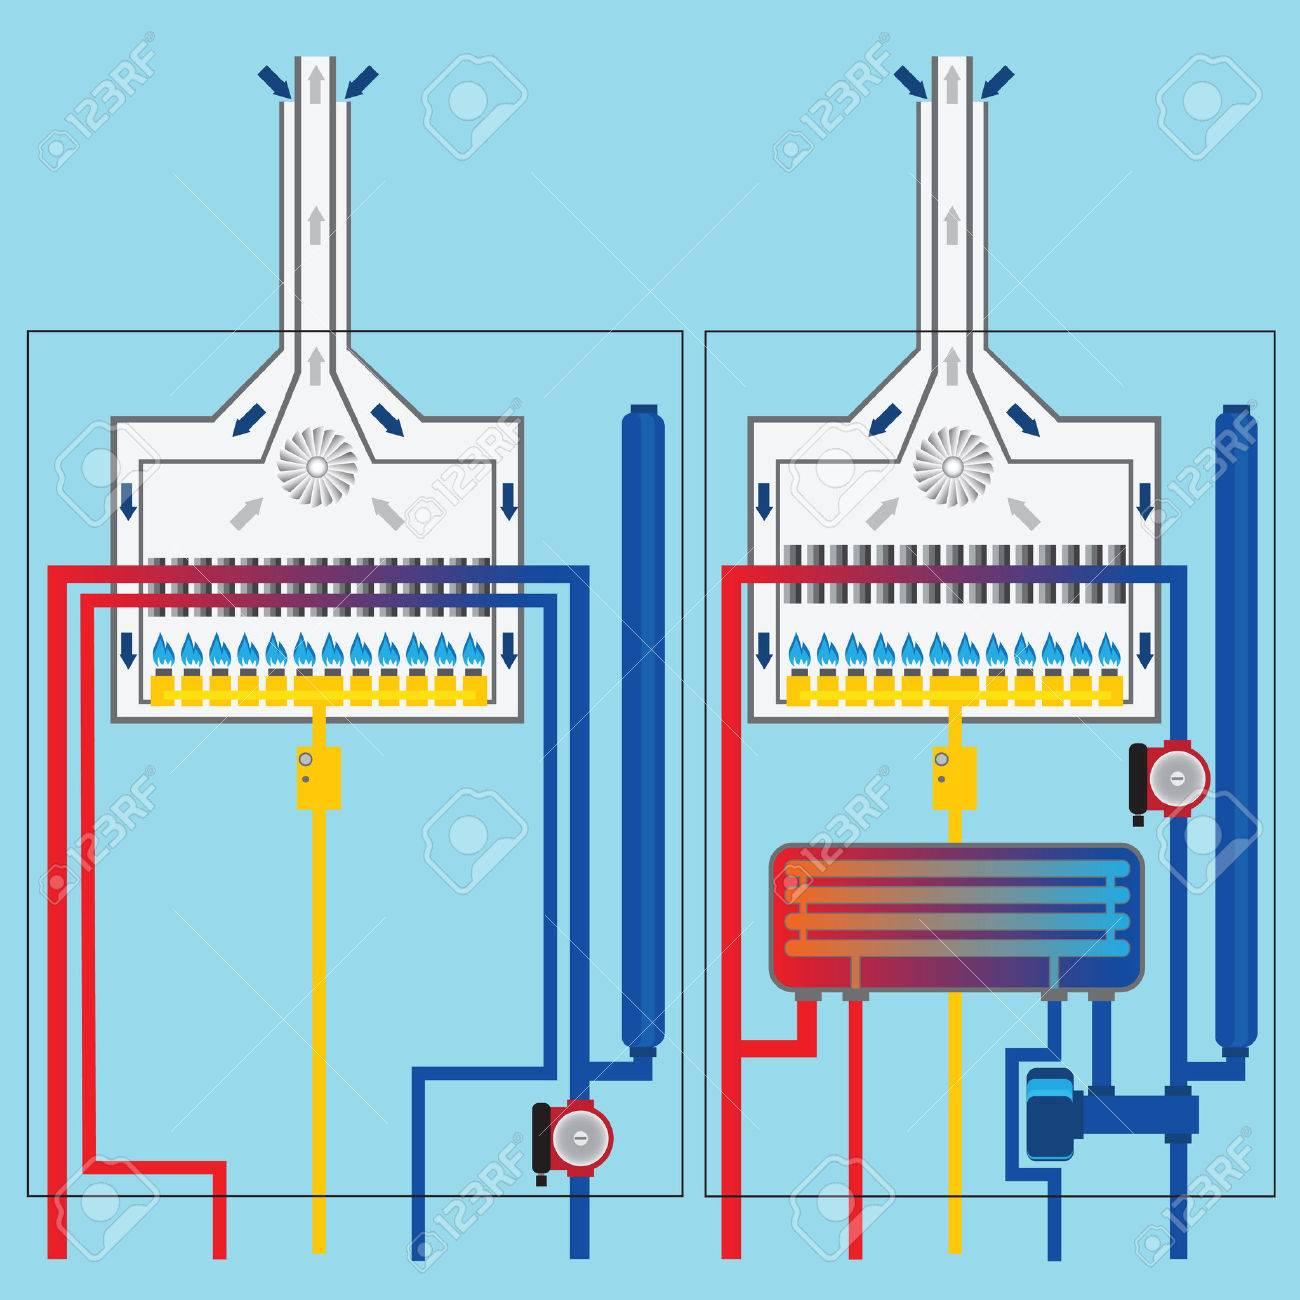 Gas-Heizkessel Mit Wärmetauscher. Lizenzfrei Nutzbare Vektorgrafiken ...